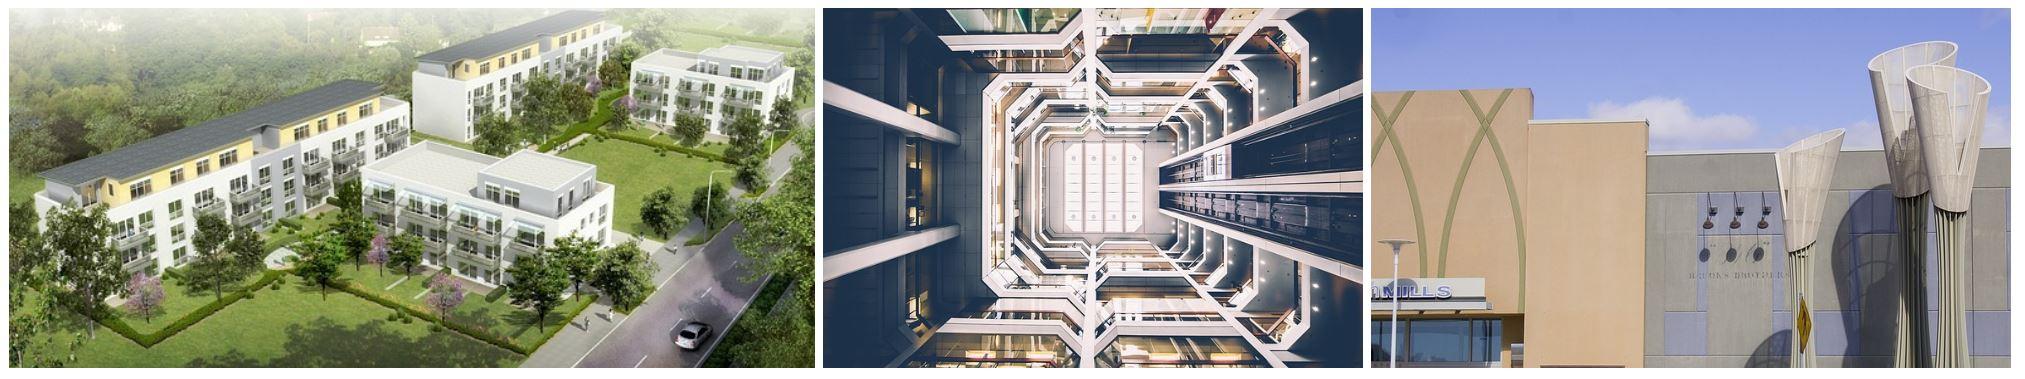 Immobilien: Mehrfamilienhäuser - Gewerbezentren - Shoppingcenter